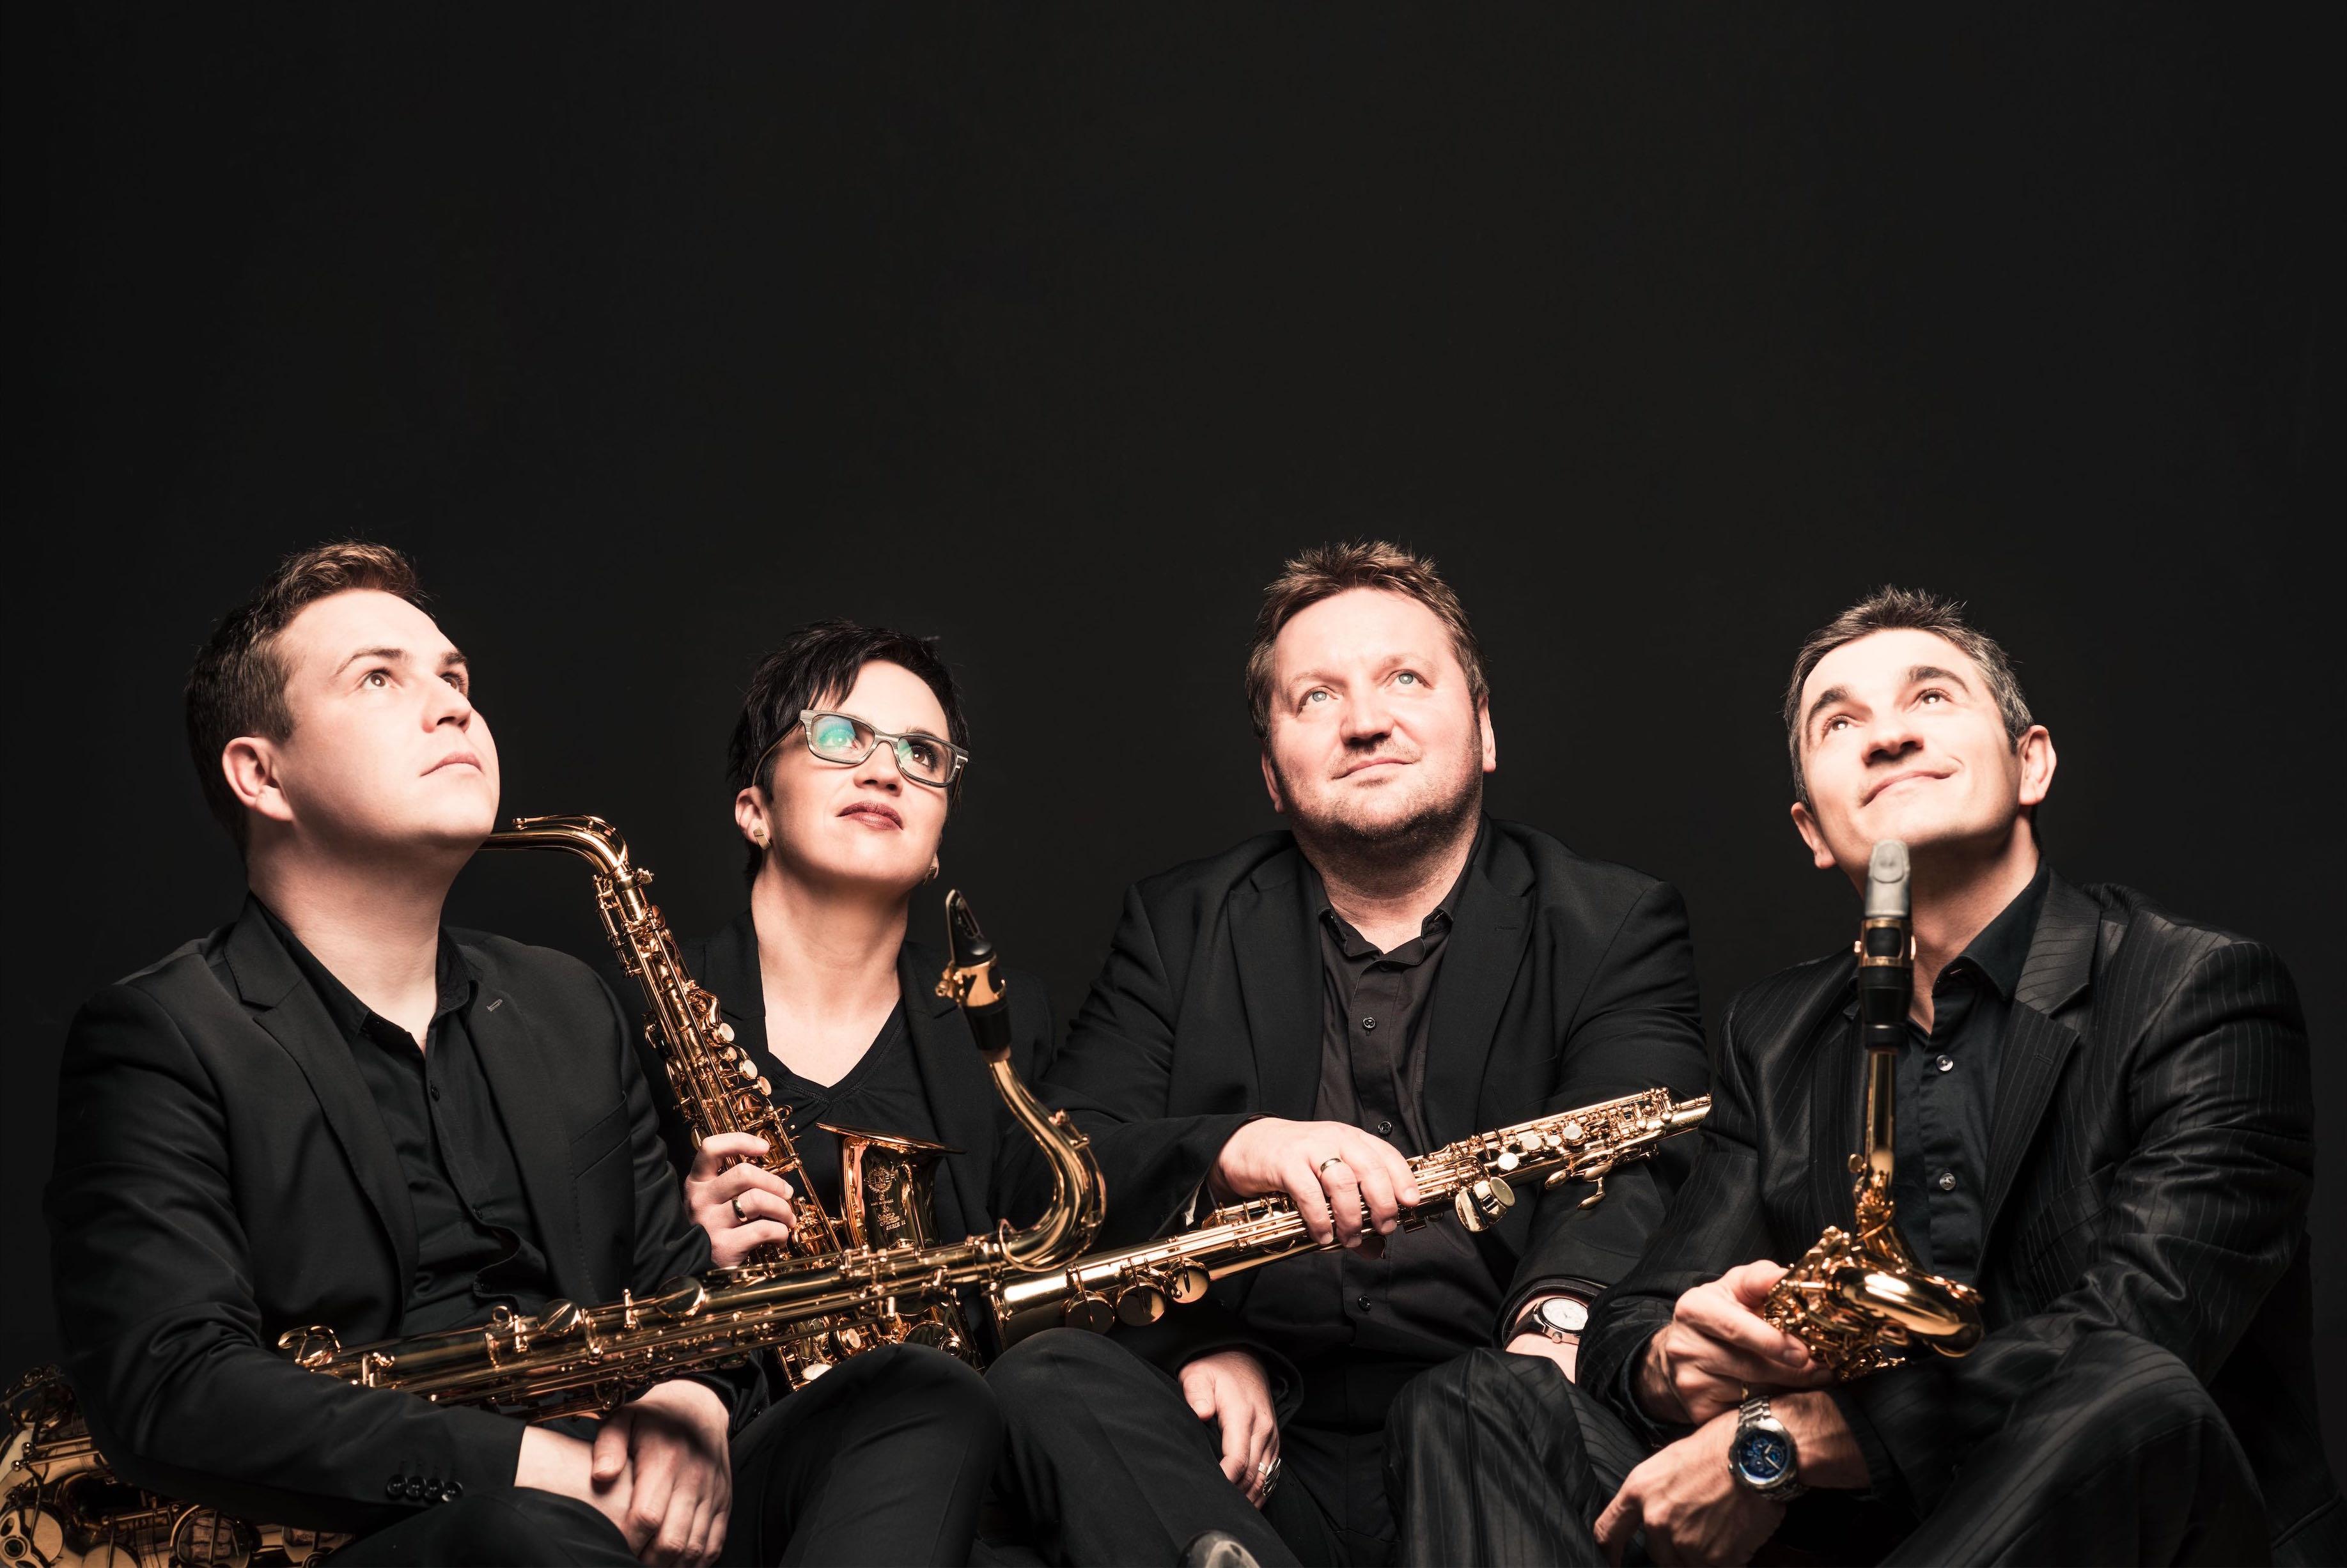 4saxess - Baroque goes Contemporary